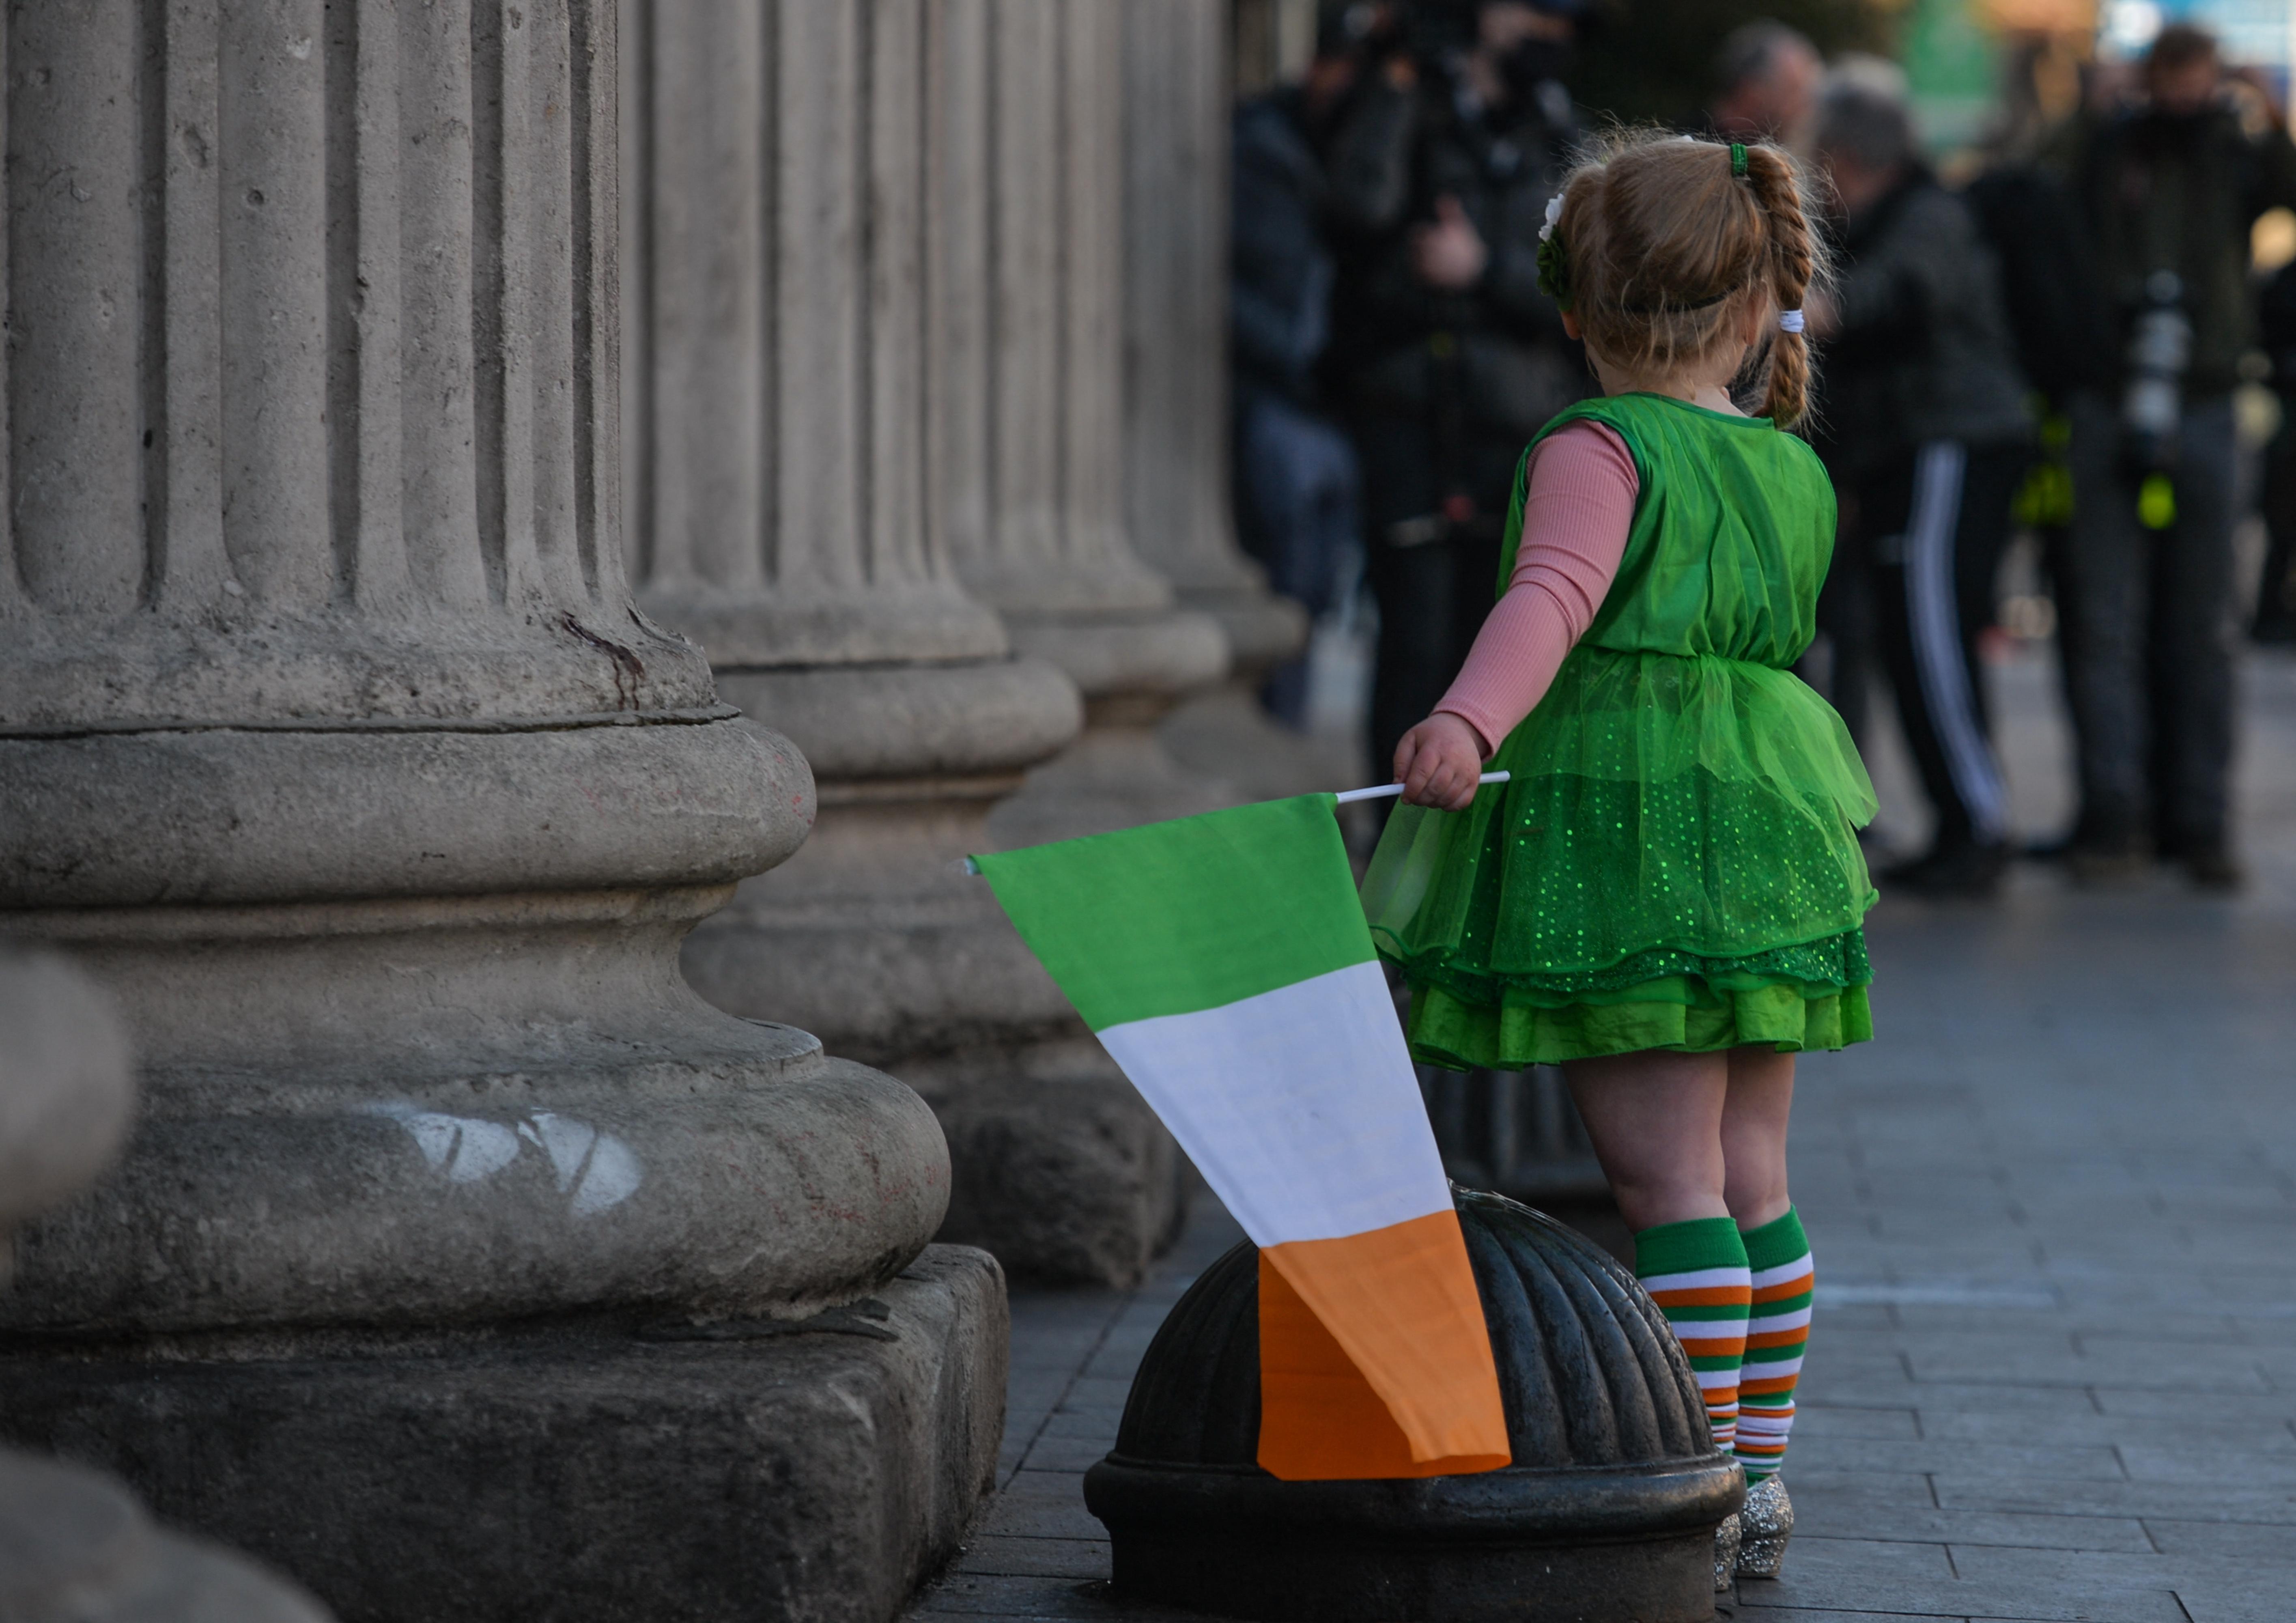 Írország többsége szerint Észak-Írország 25 éven belül kiválik az Egyesült Királyságból